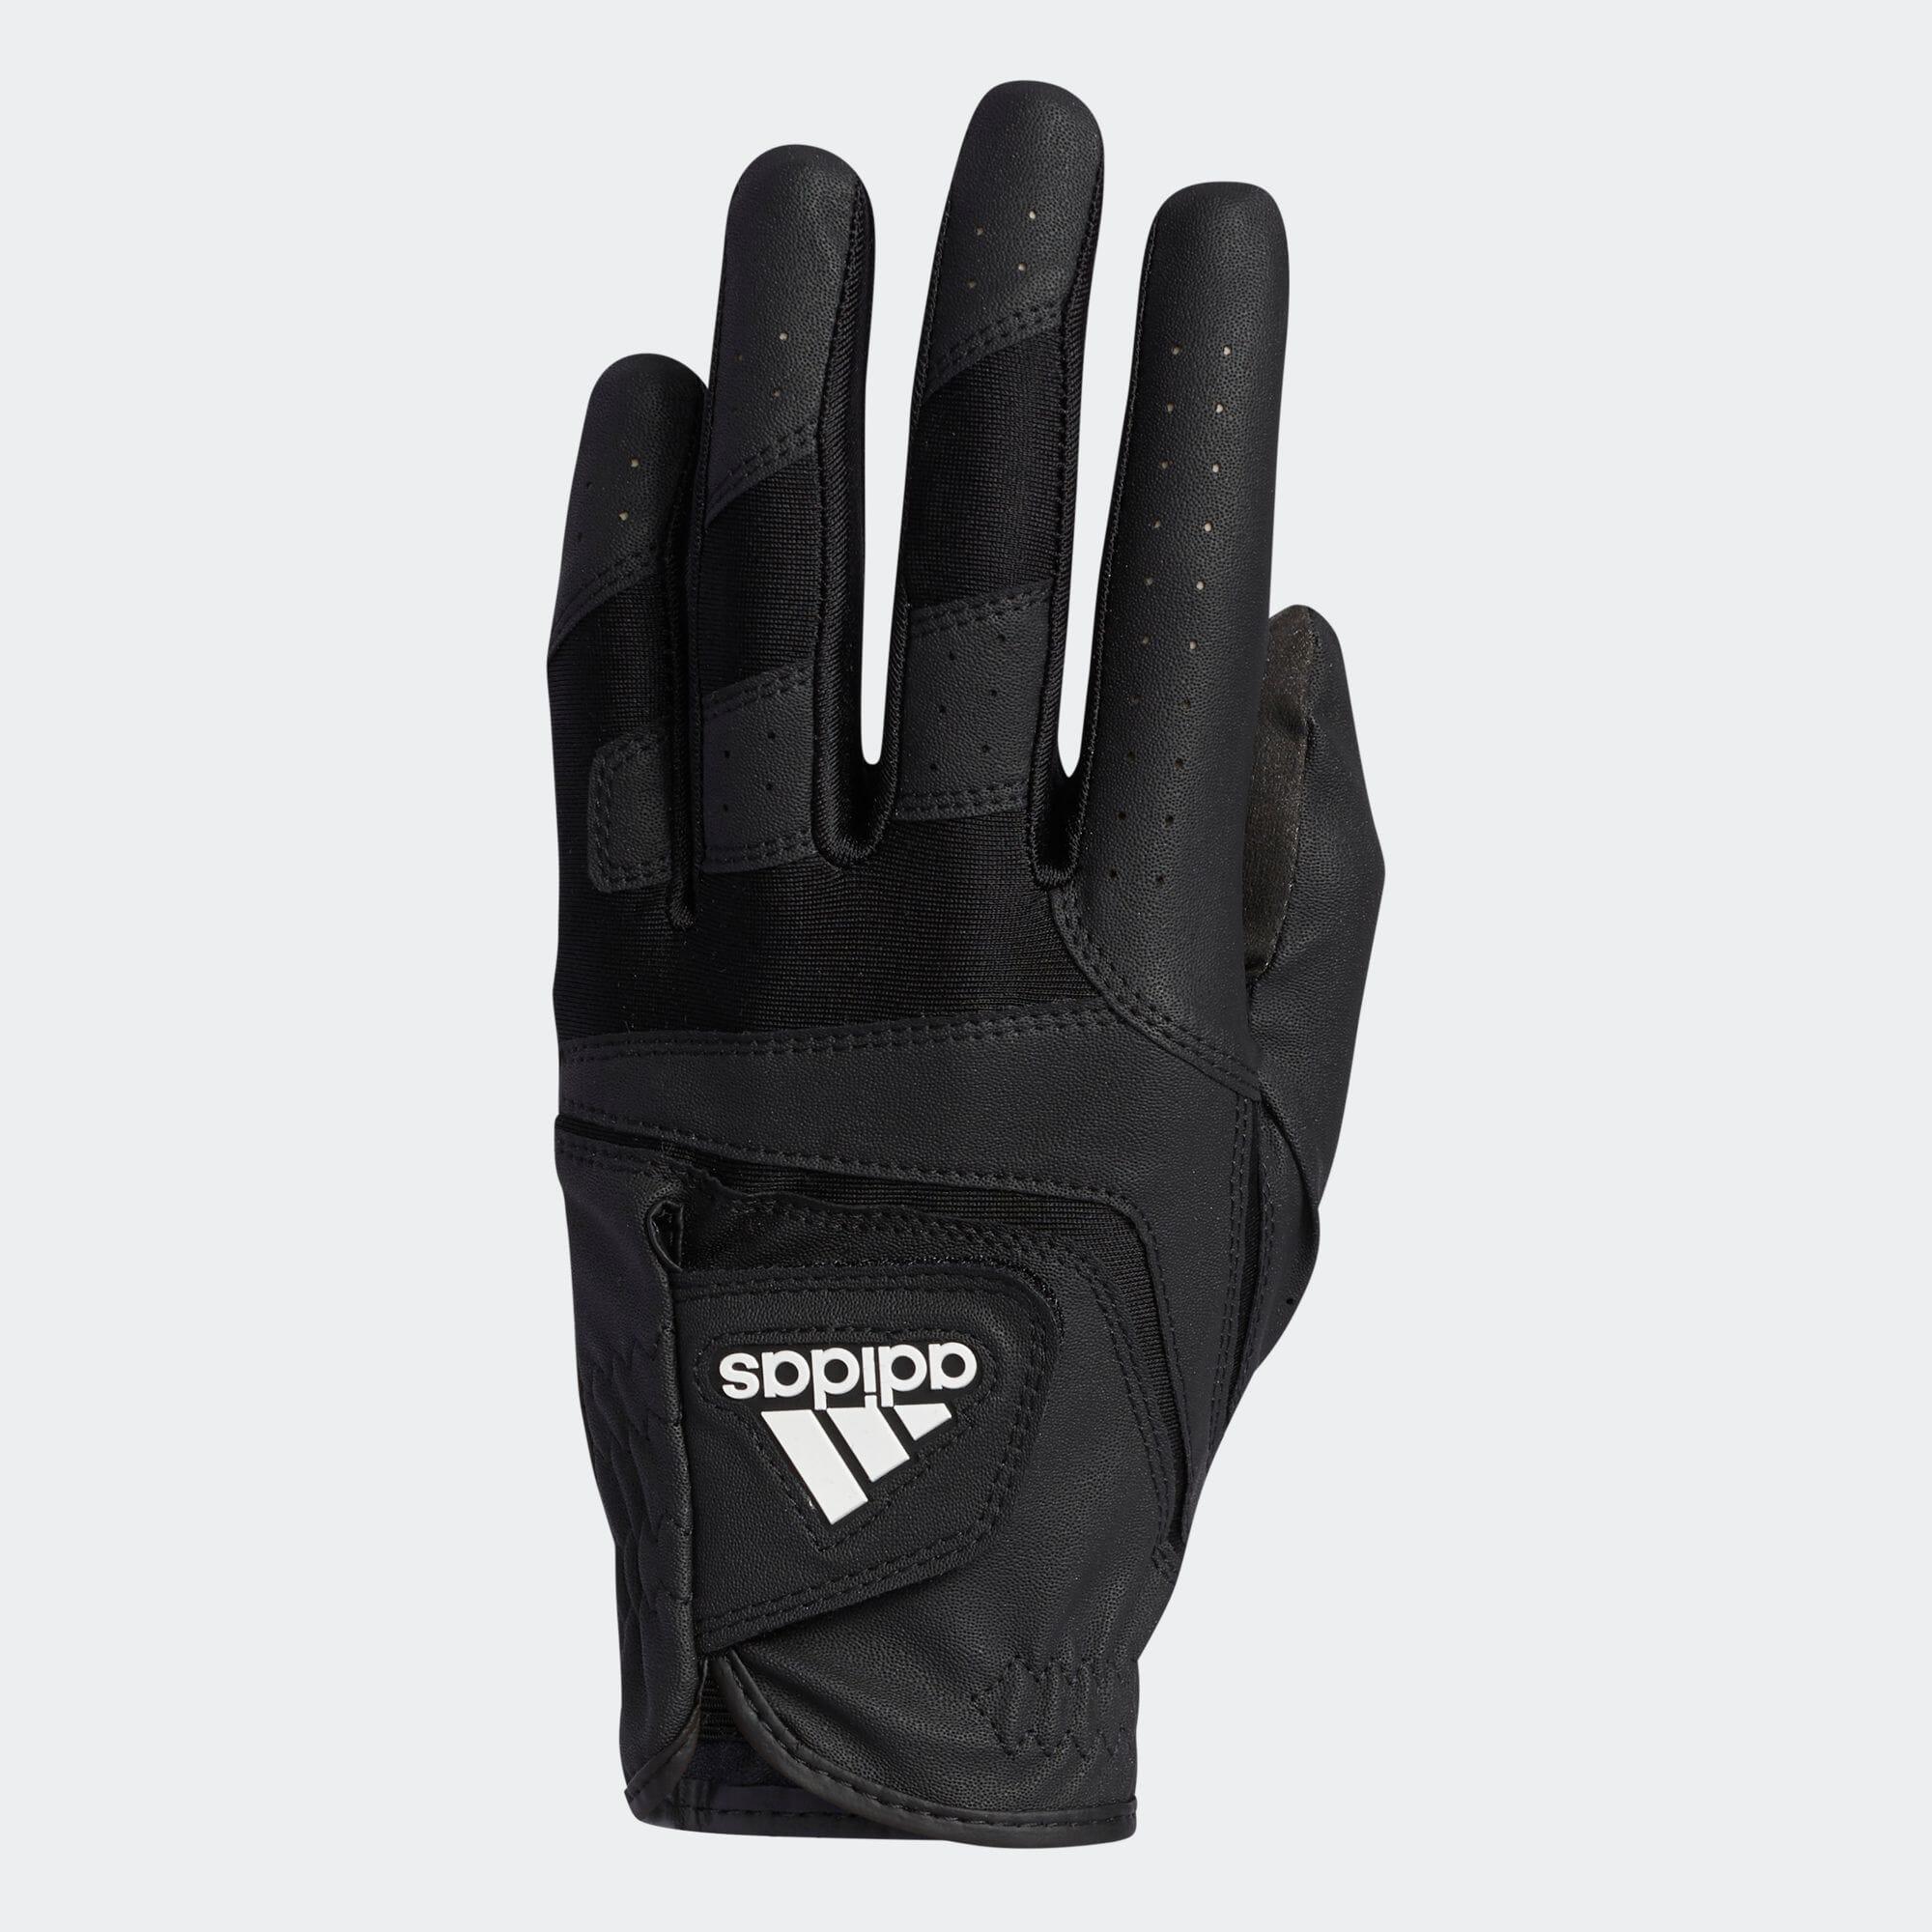 アディテック20 グローブ【ゴルフ】/ Aditech Glove